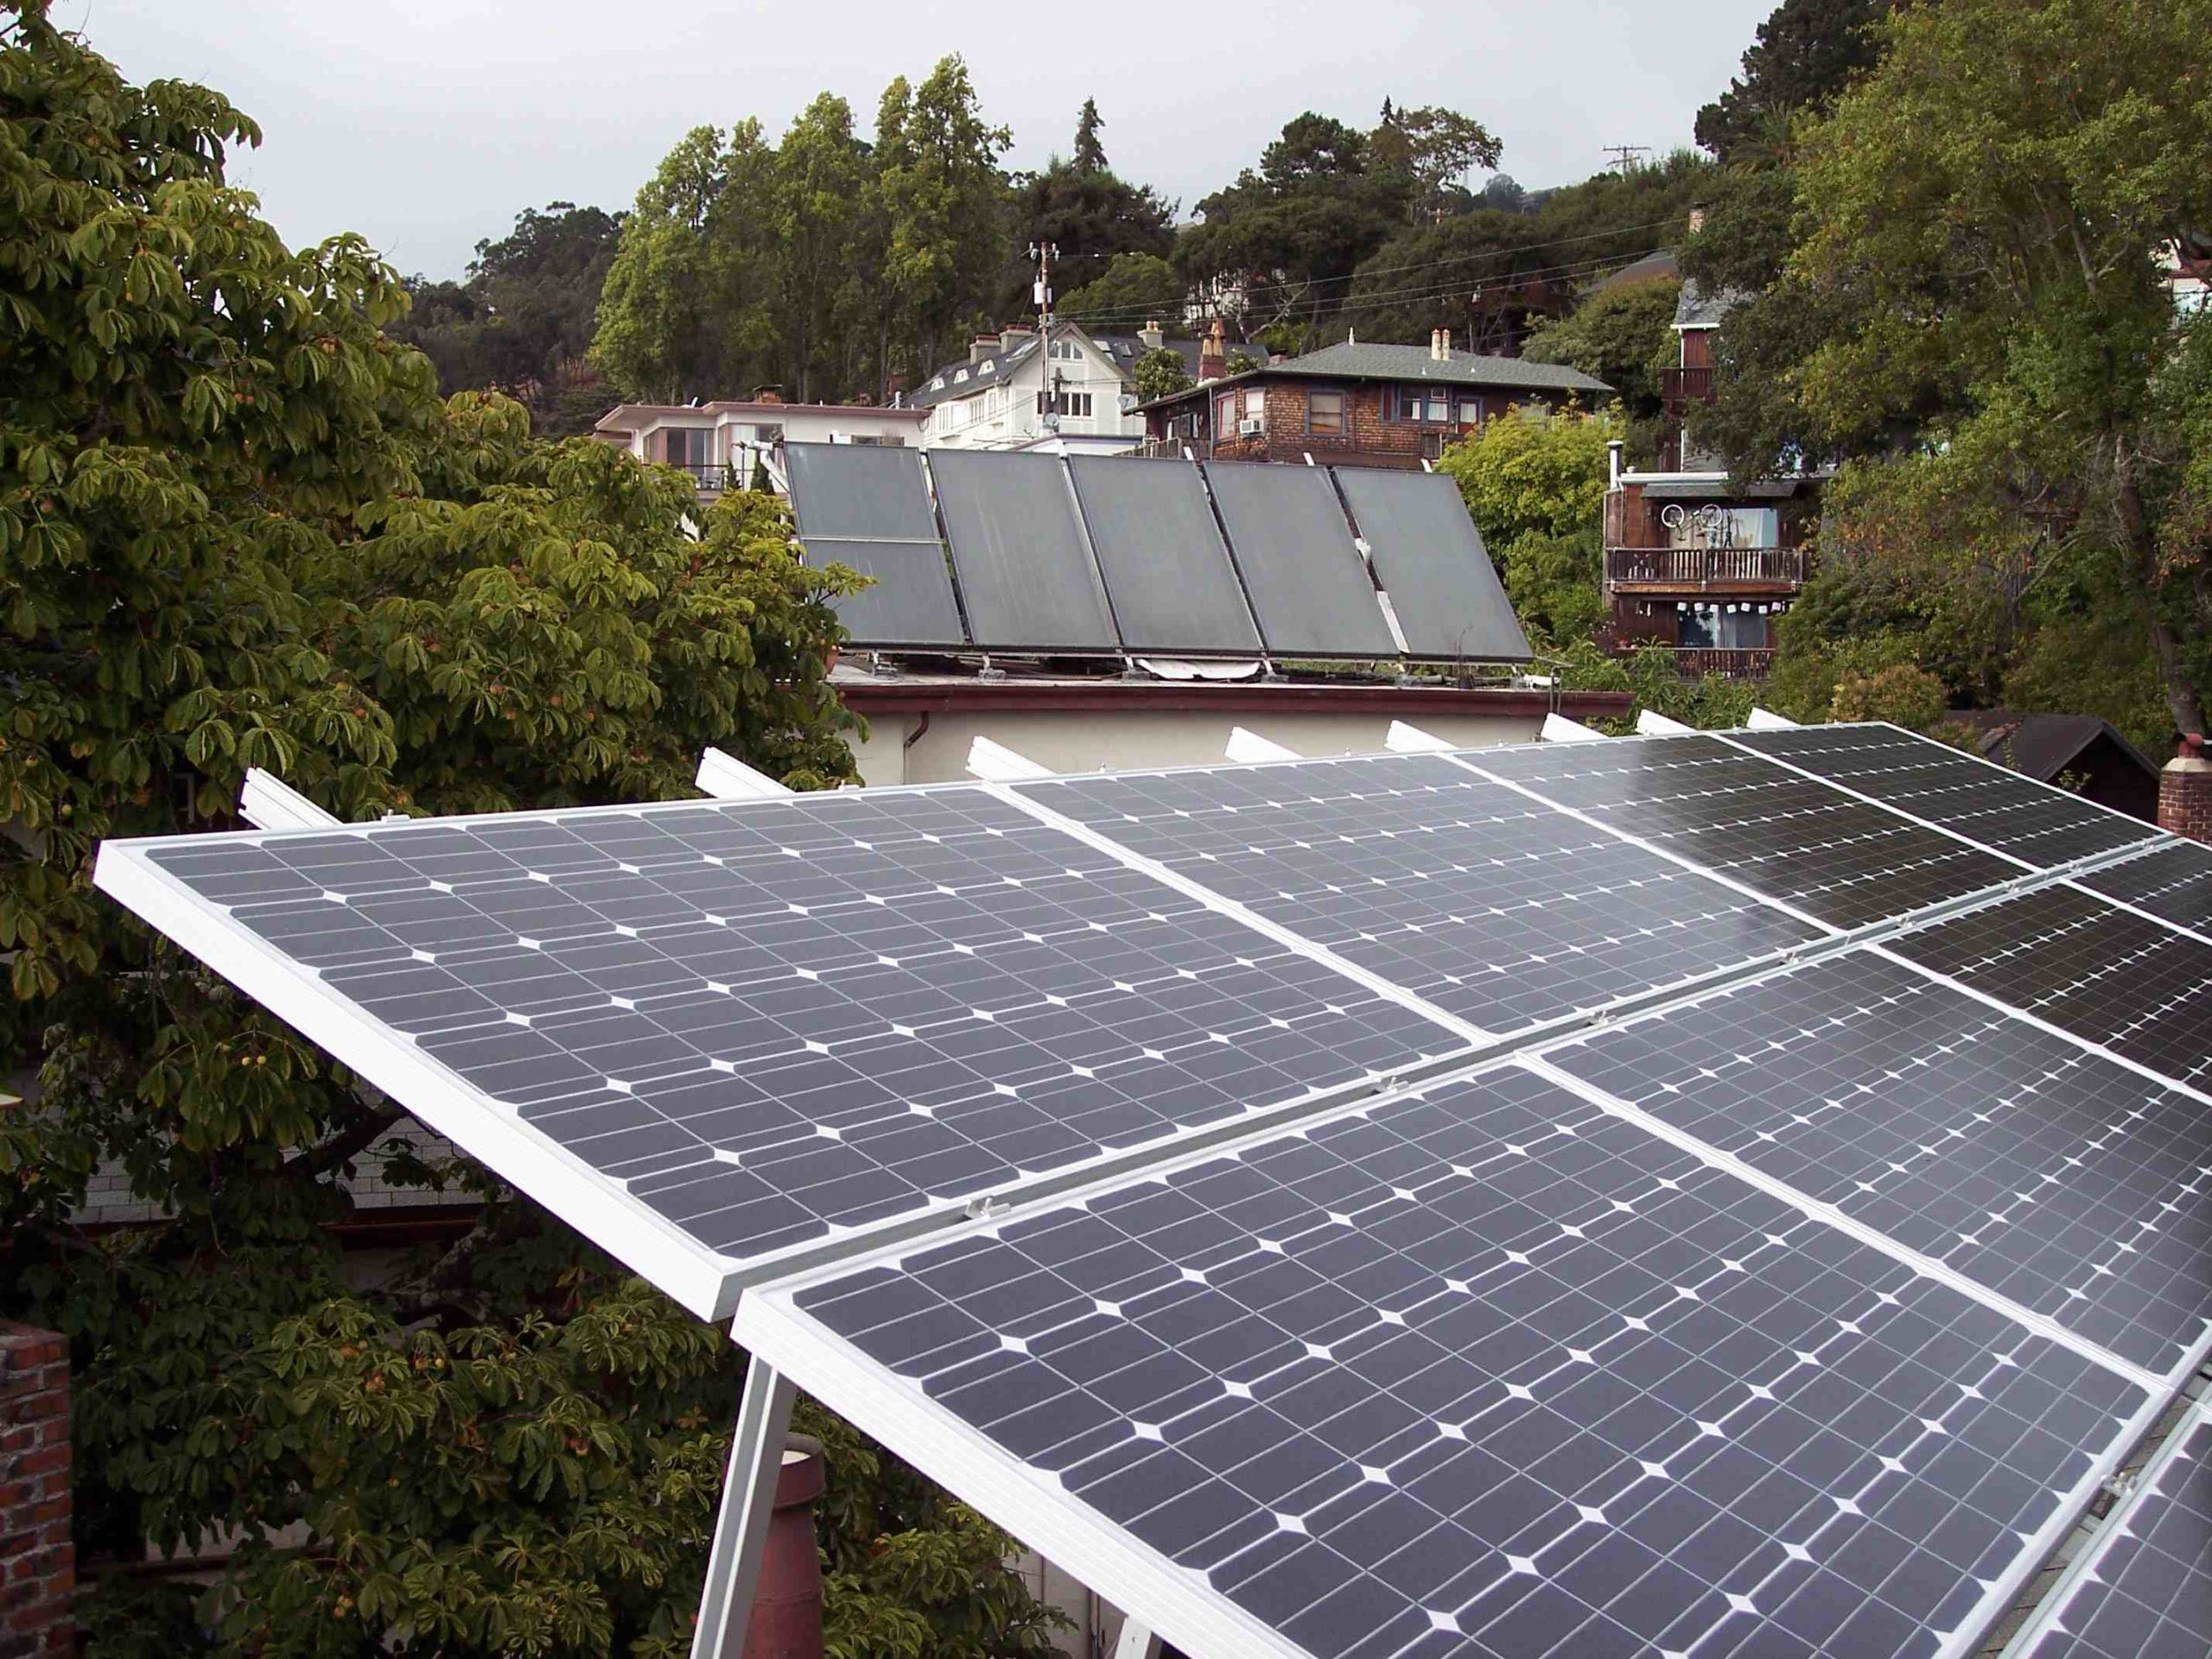 Does PG&E offer free solar panels?